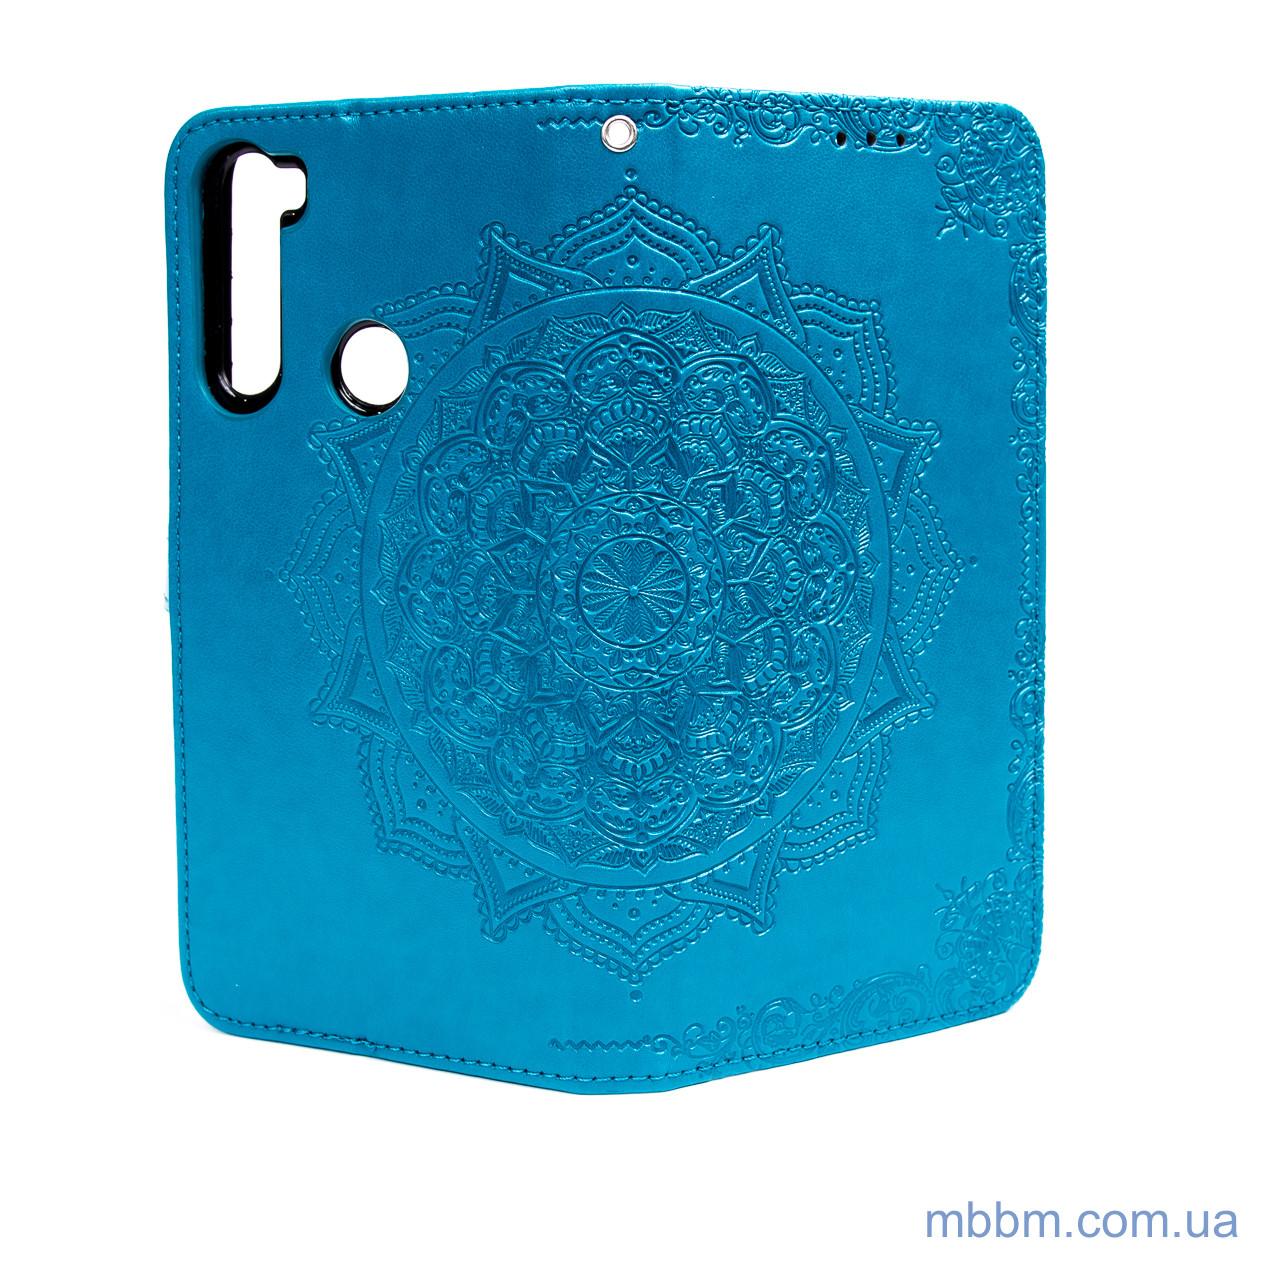 Art Case с визитницей Xiaomi Redmi Note 8t Blue